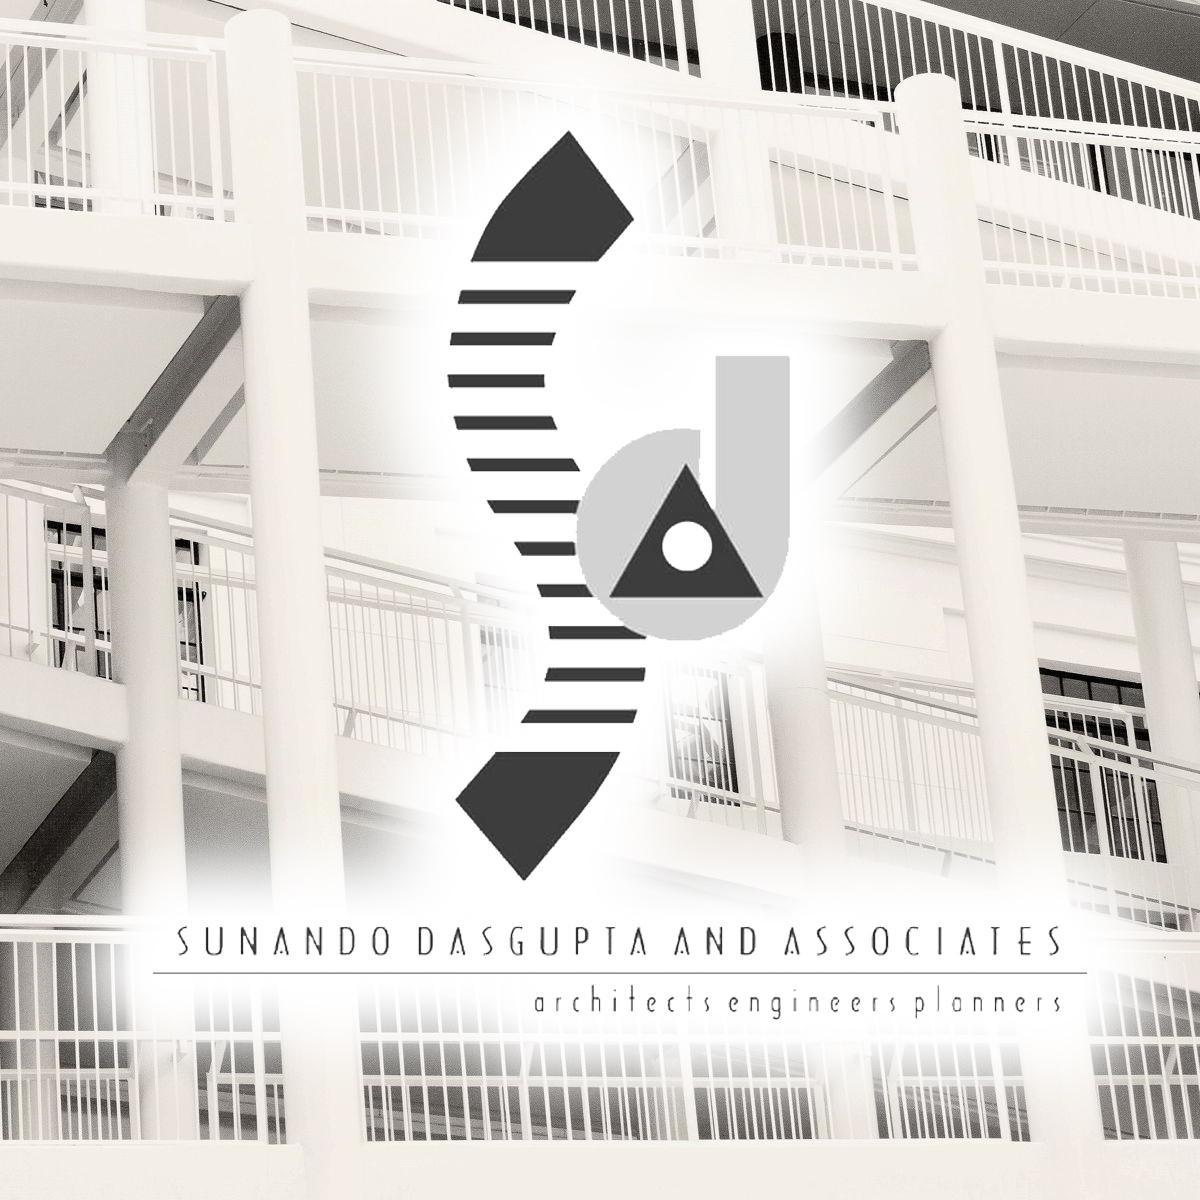 Building Designer Companies in East Delhi